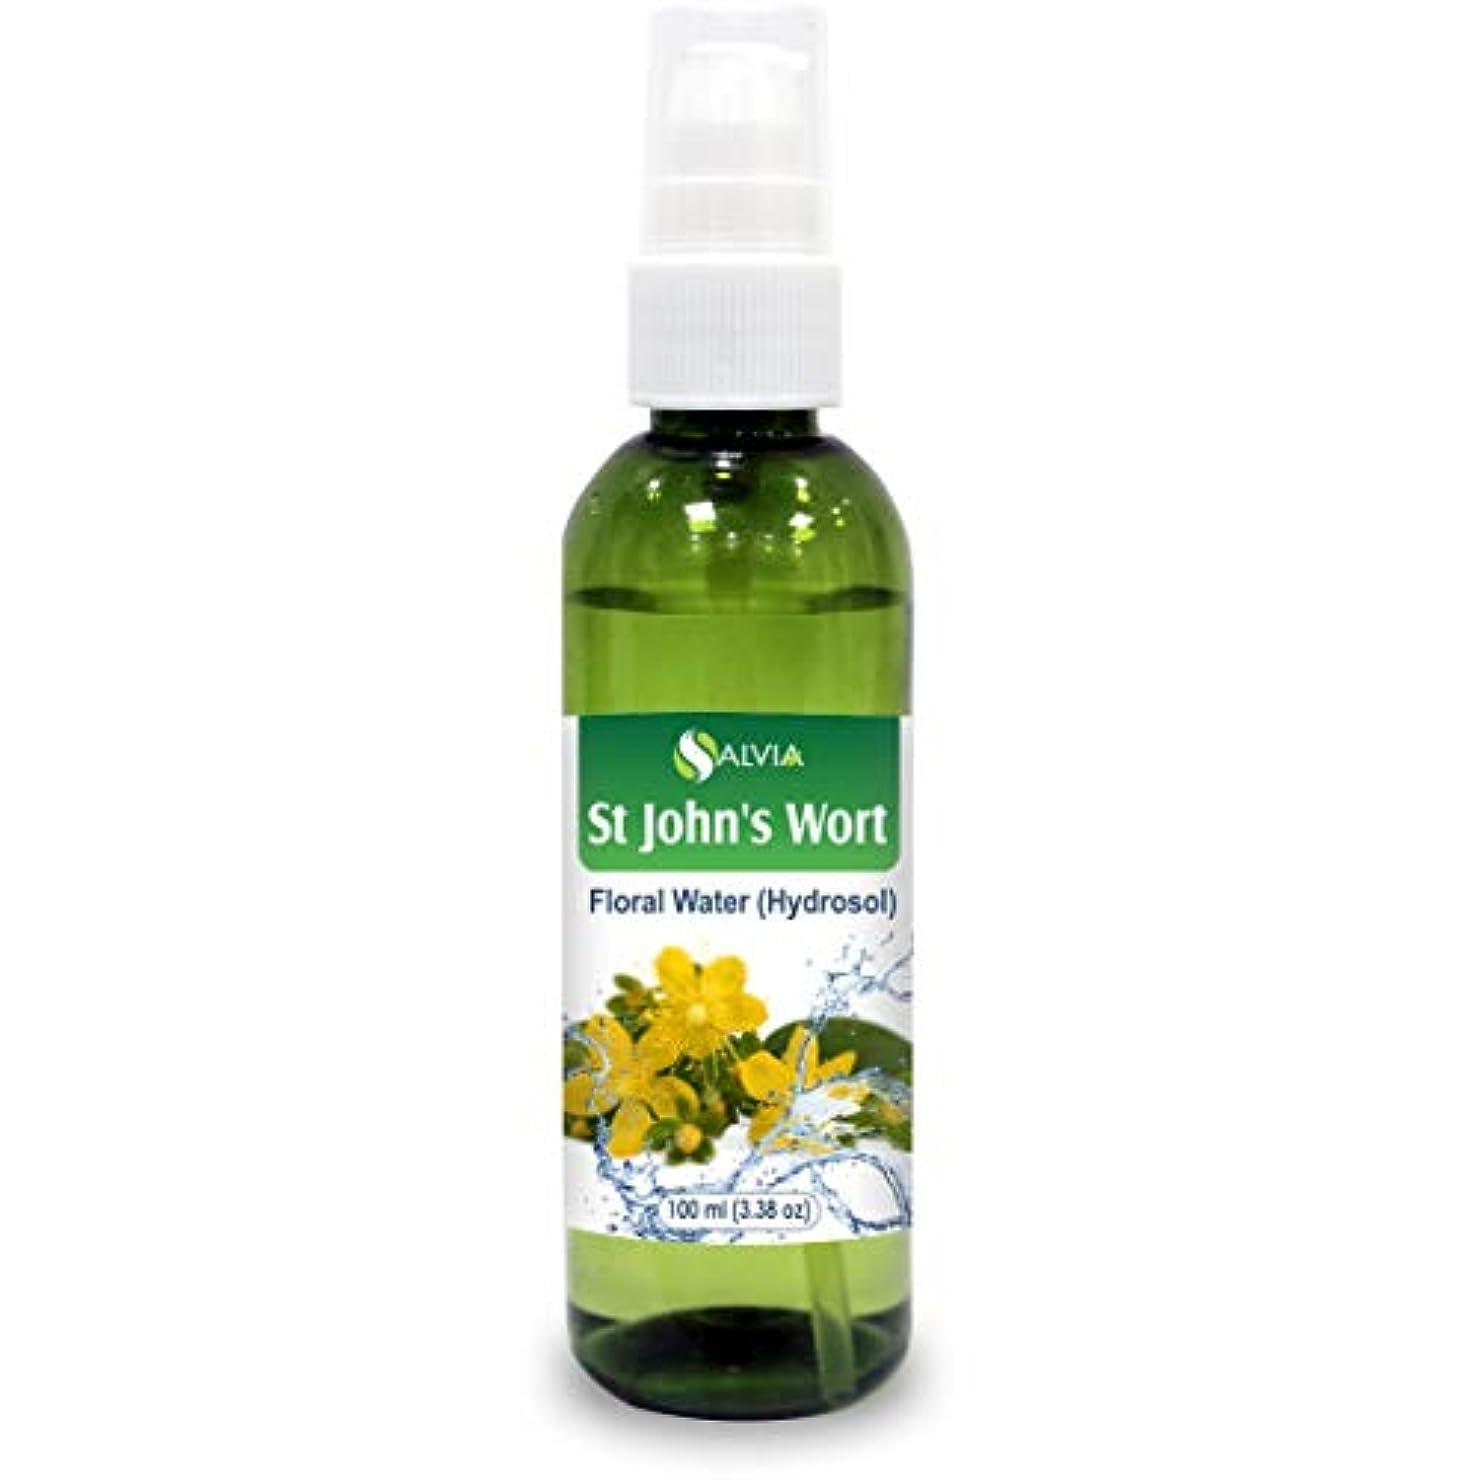 咲く聴衆封建St John's Wort Floral Water 100ml (Hydrosol) 100% Pure And Natural